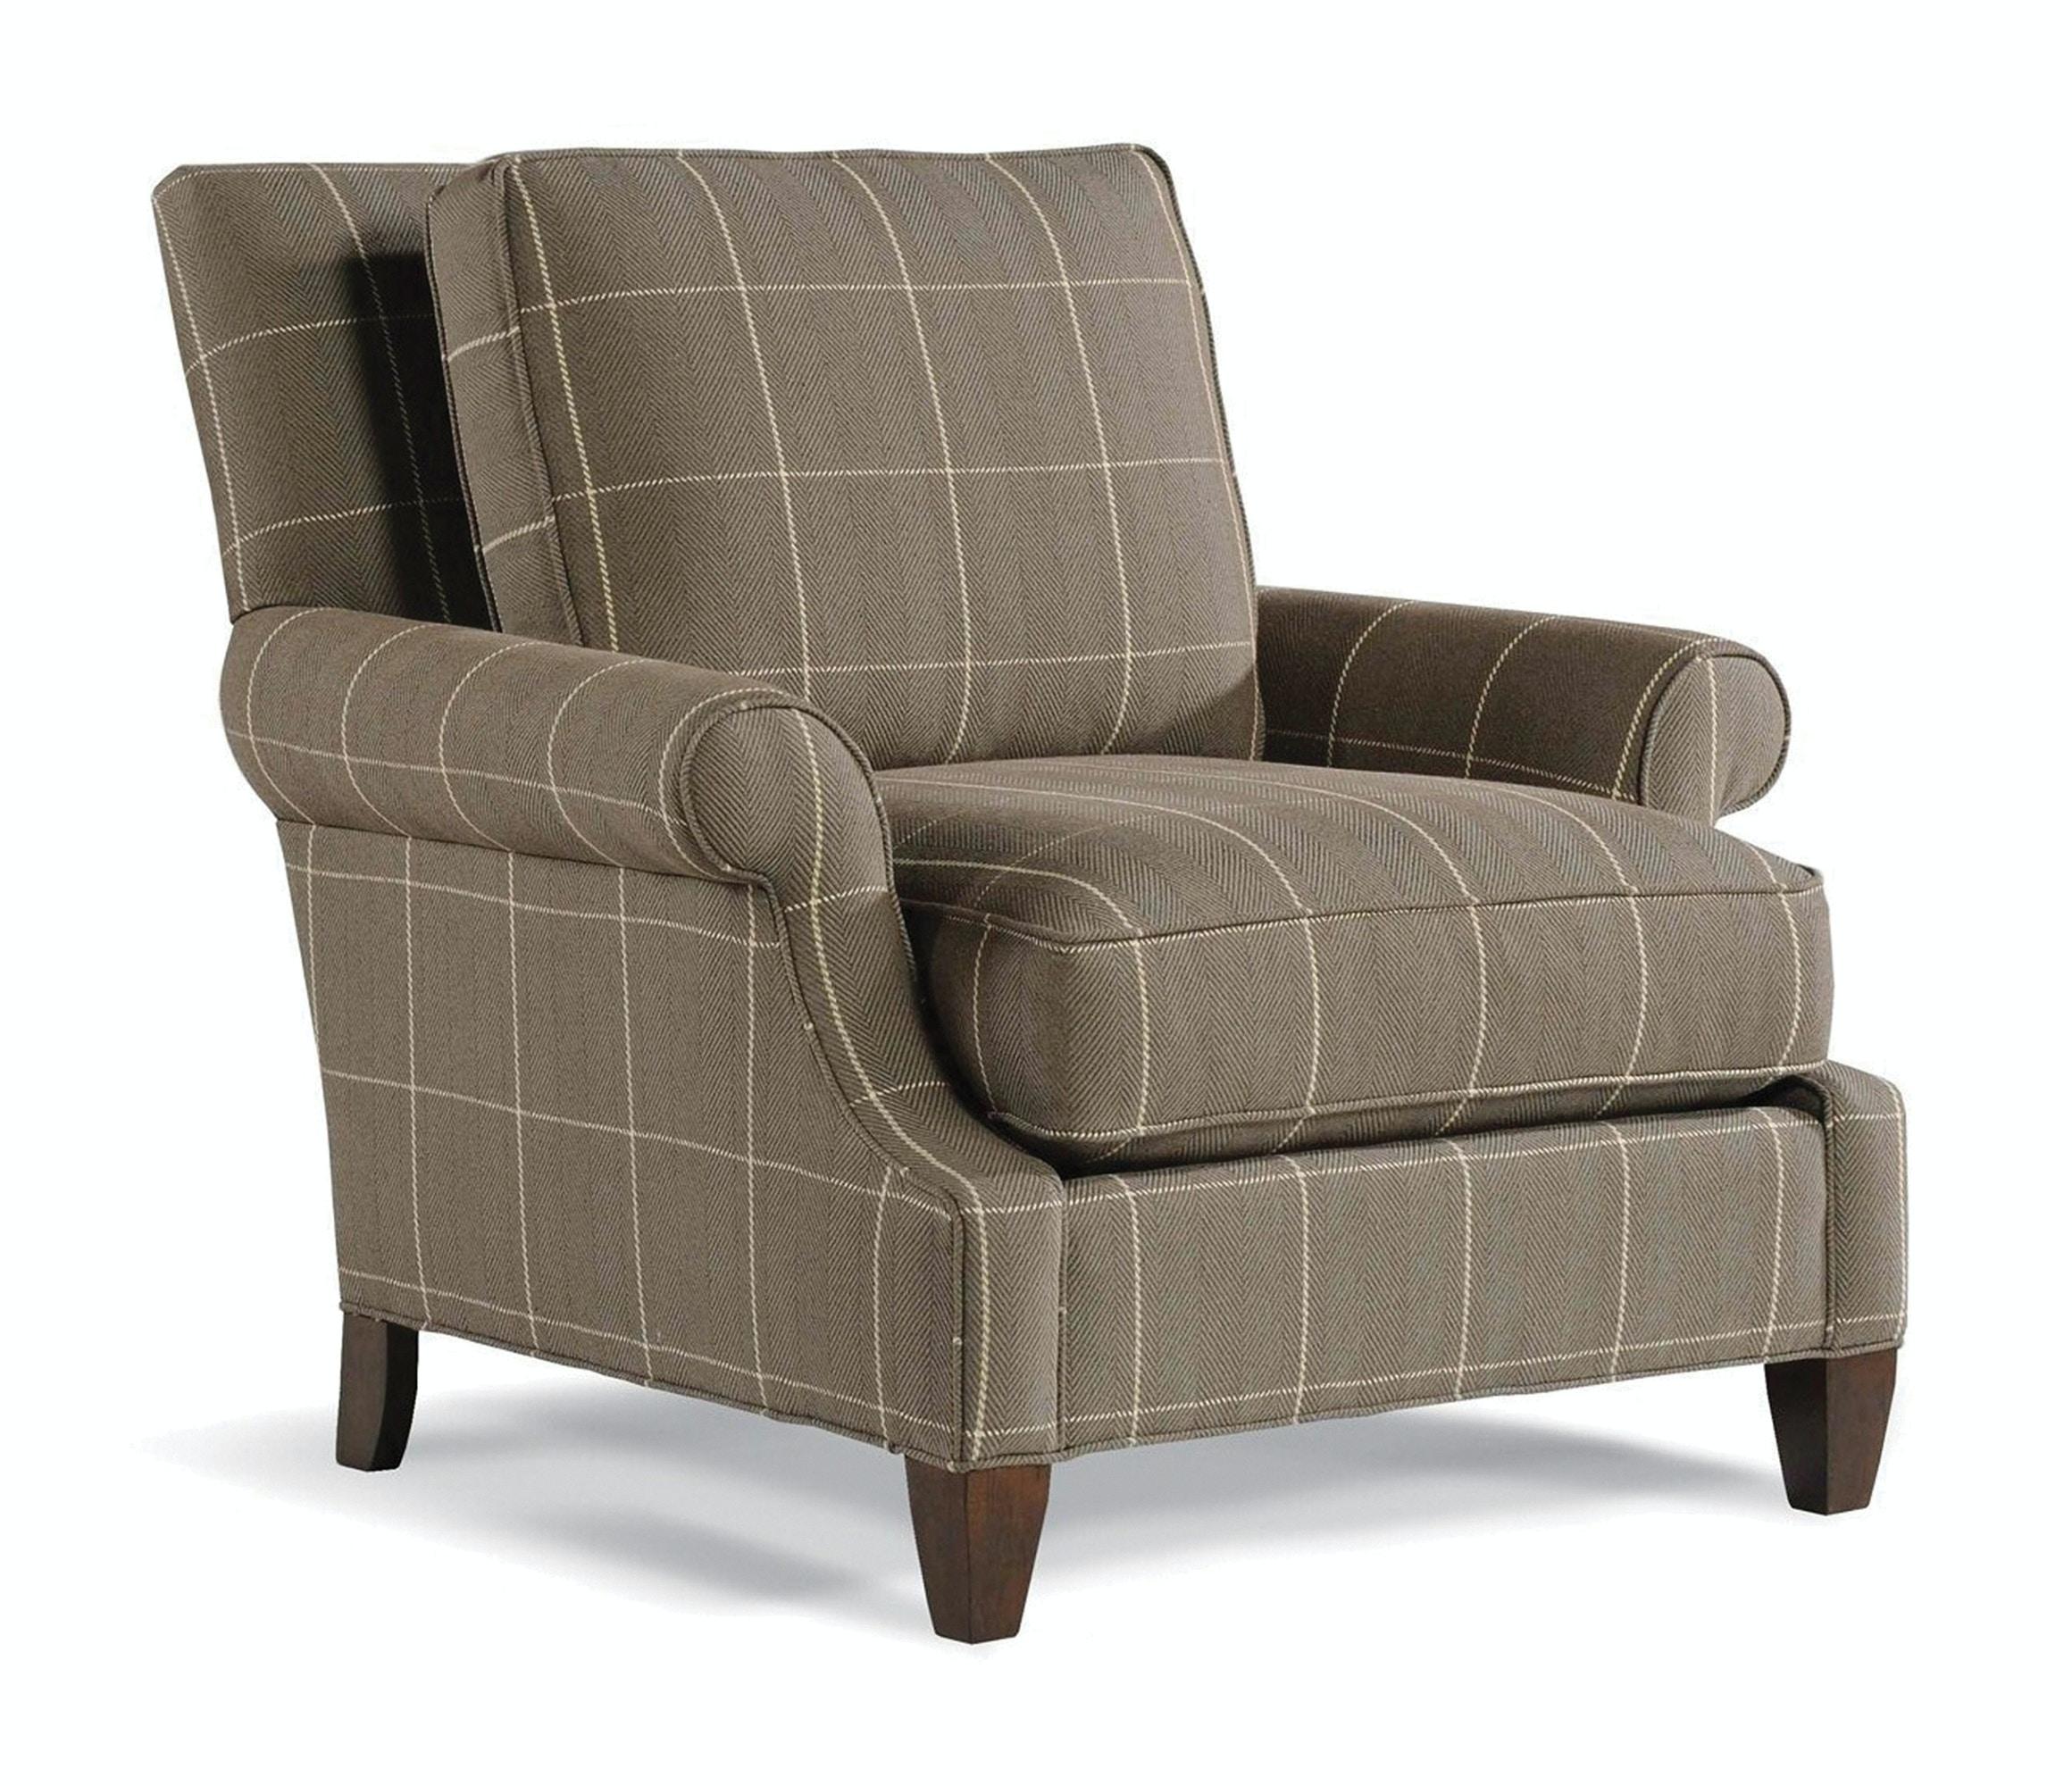 Taylor King Furniture  K4701?trimu003dcoloru0026trimcoloru003dwhiteu0026fitu003dfillu0026bgu003dFFFFFFu0026wu003d1024u0026hu003d768u0026fmu003dpjpg